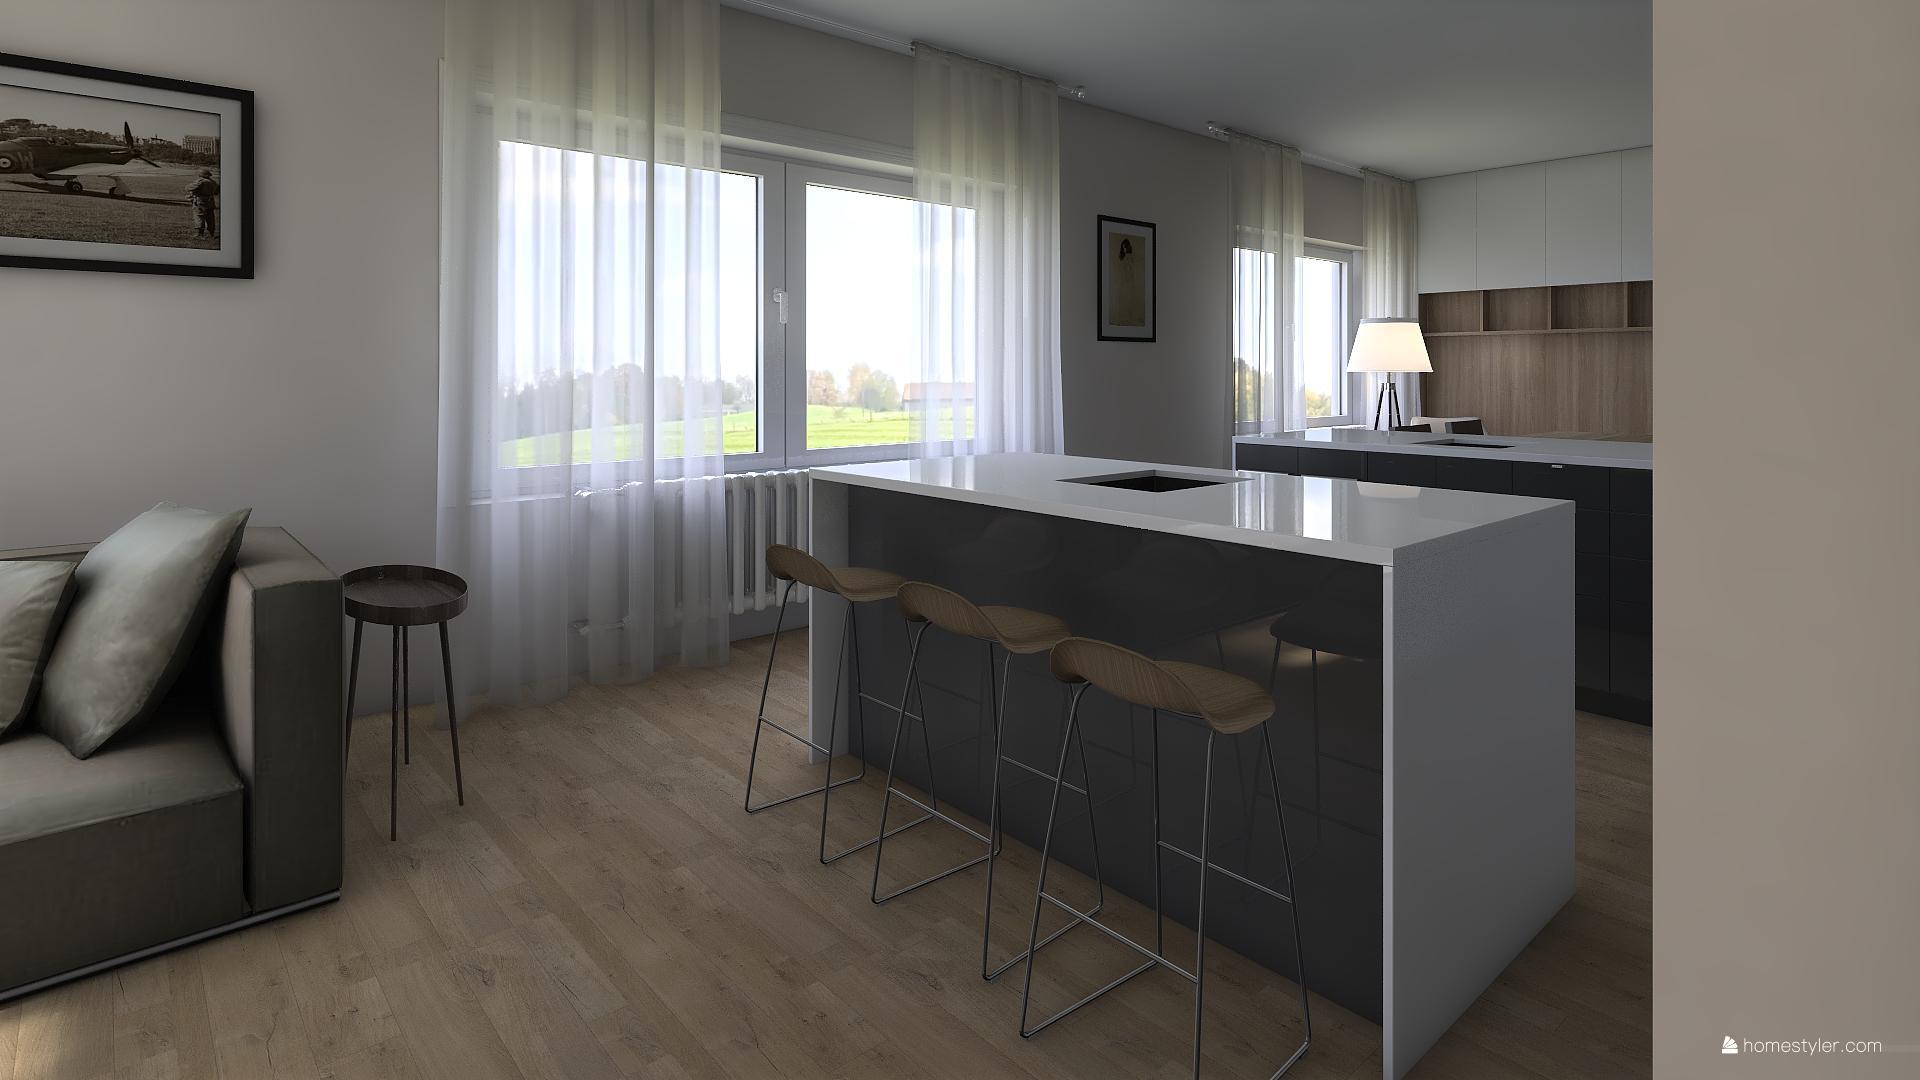 Vizualizace obýváku s kuchyní pro @iuanecka - Obrázek č. 2